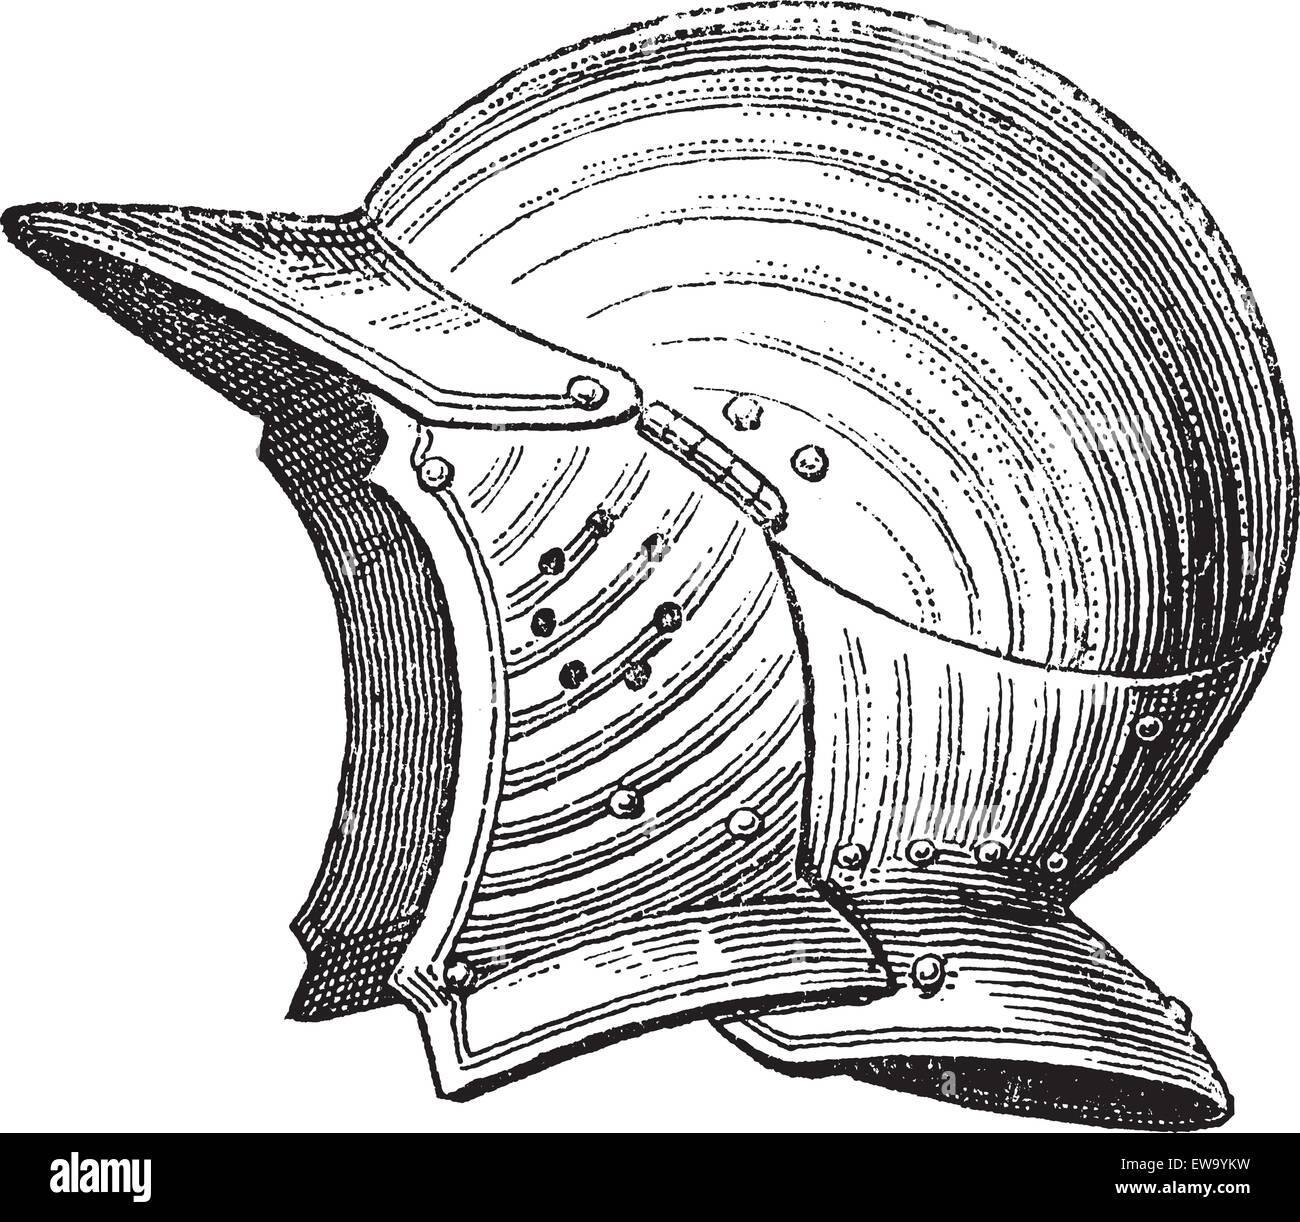 0ca234e71a0e9 Pot la cabeza o casco o galea vintage grabado. Antigua ilustración grabada  de casco antiguo